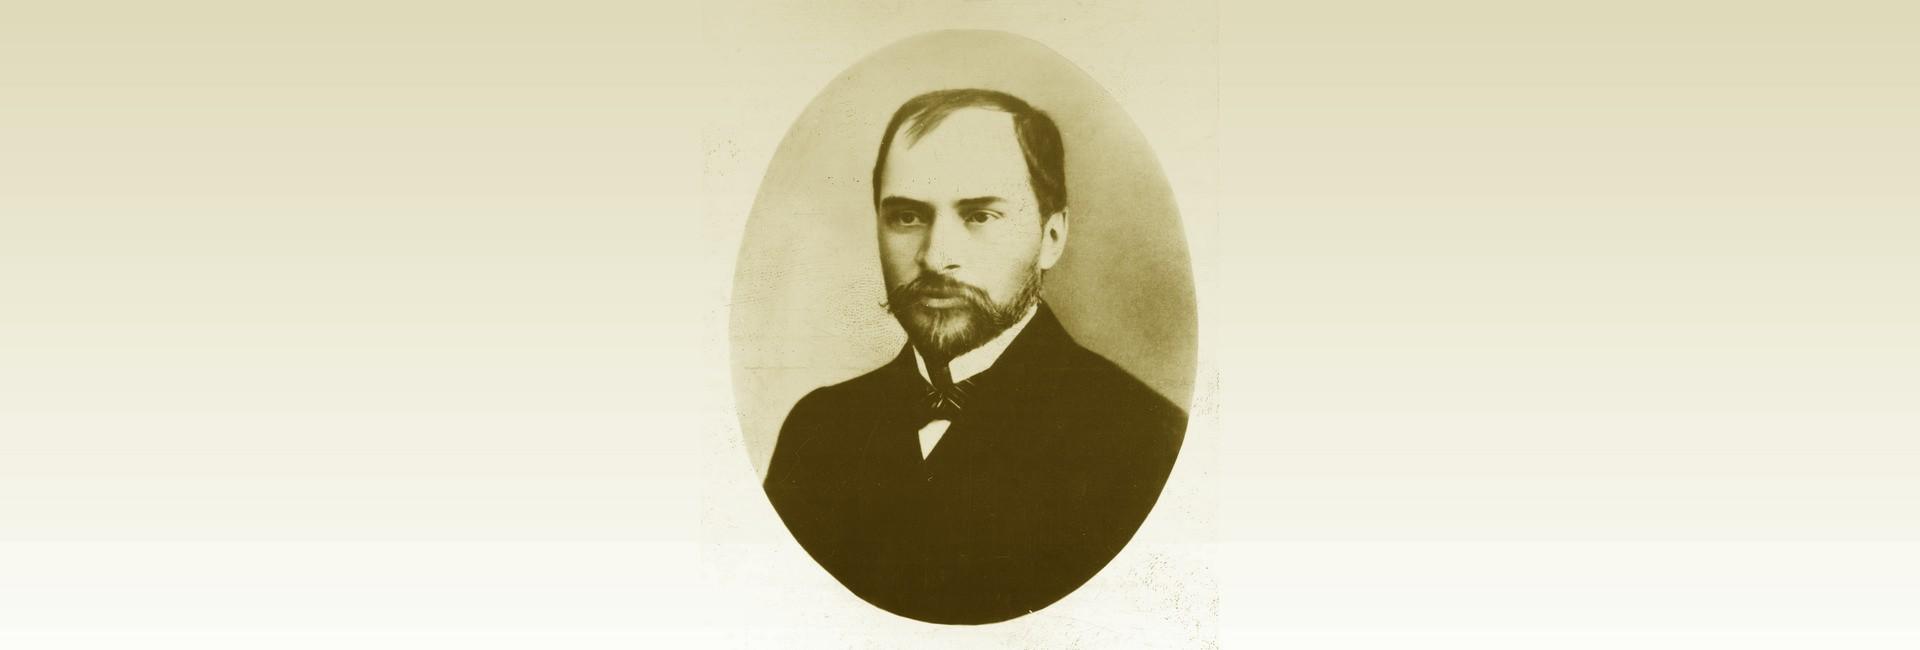 serie de autor George Coşbuc poezie românească Balade şi idile Cântec oriental iubire slider